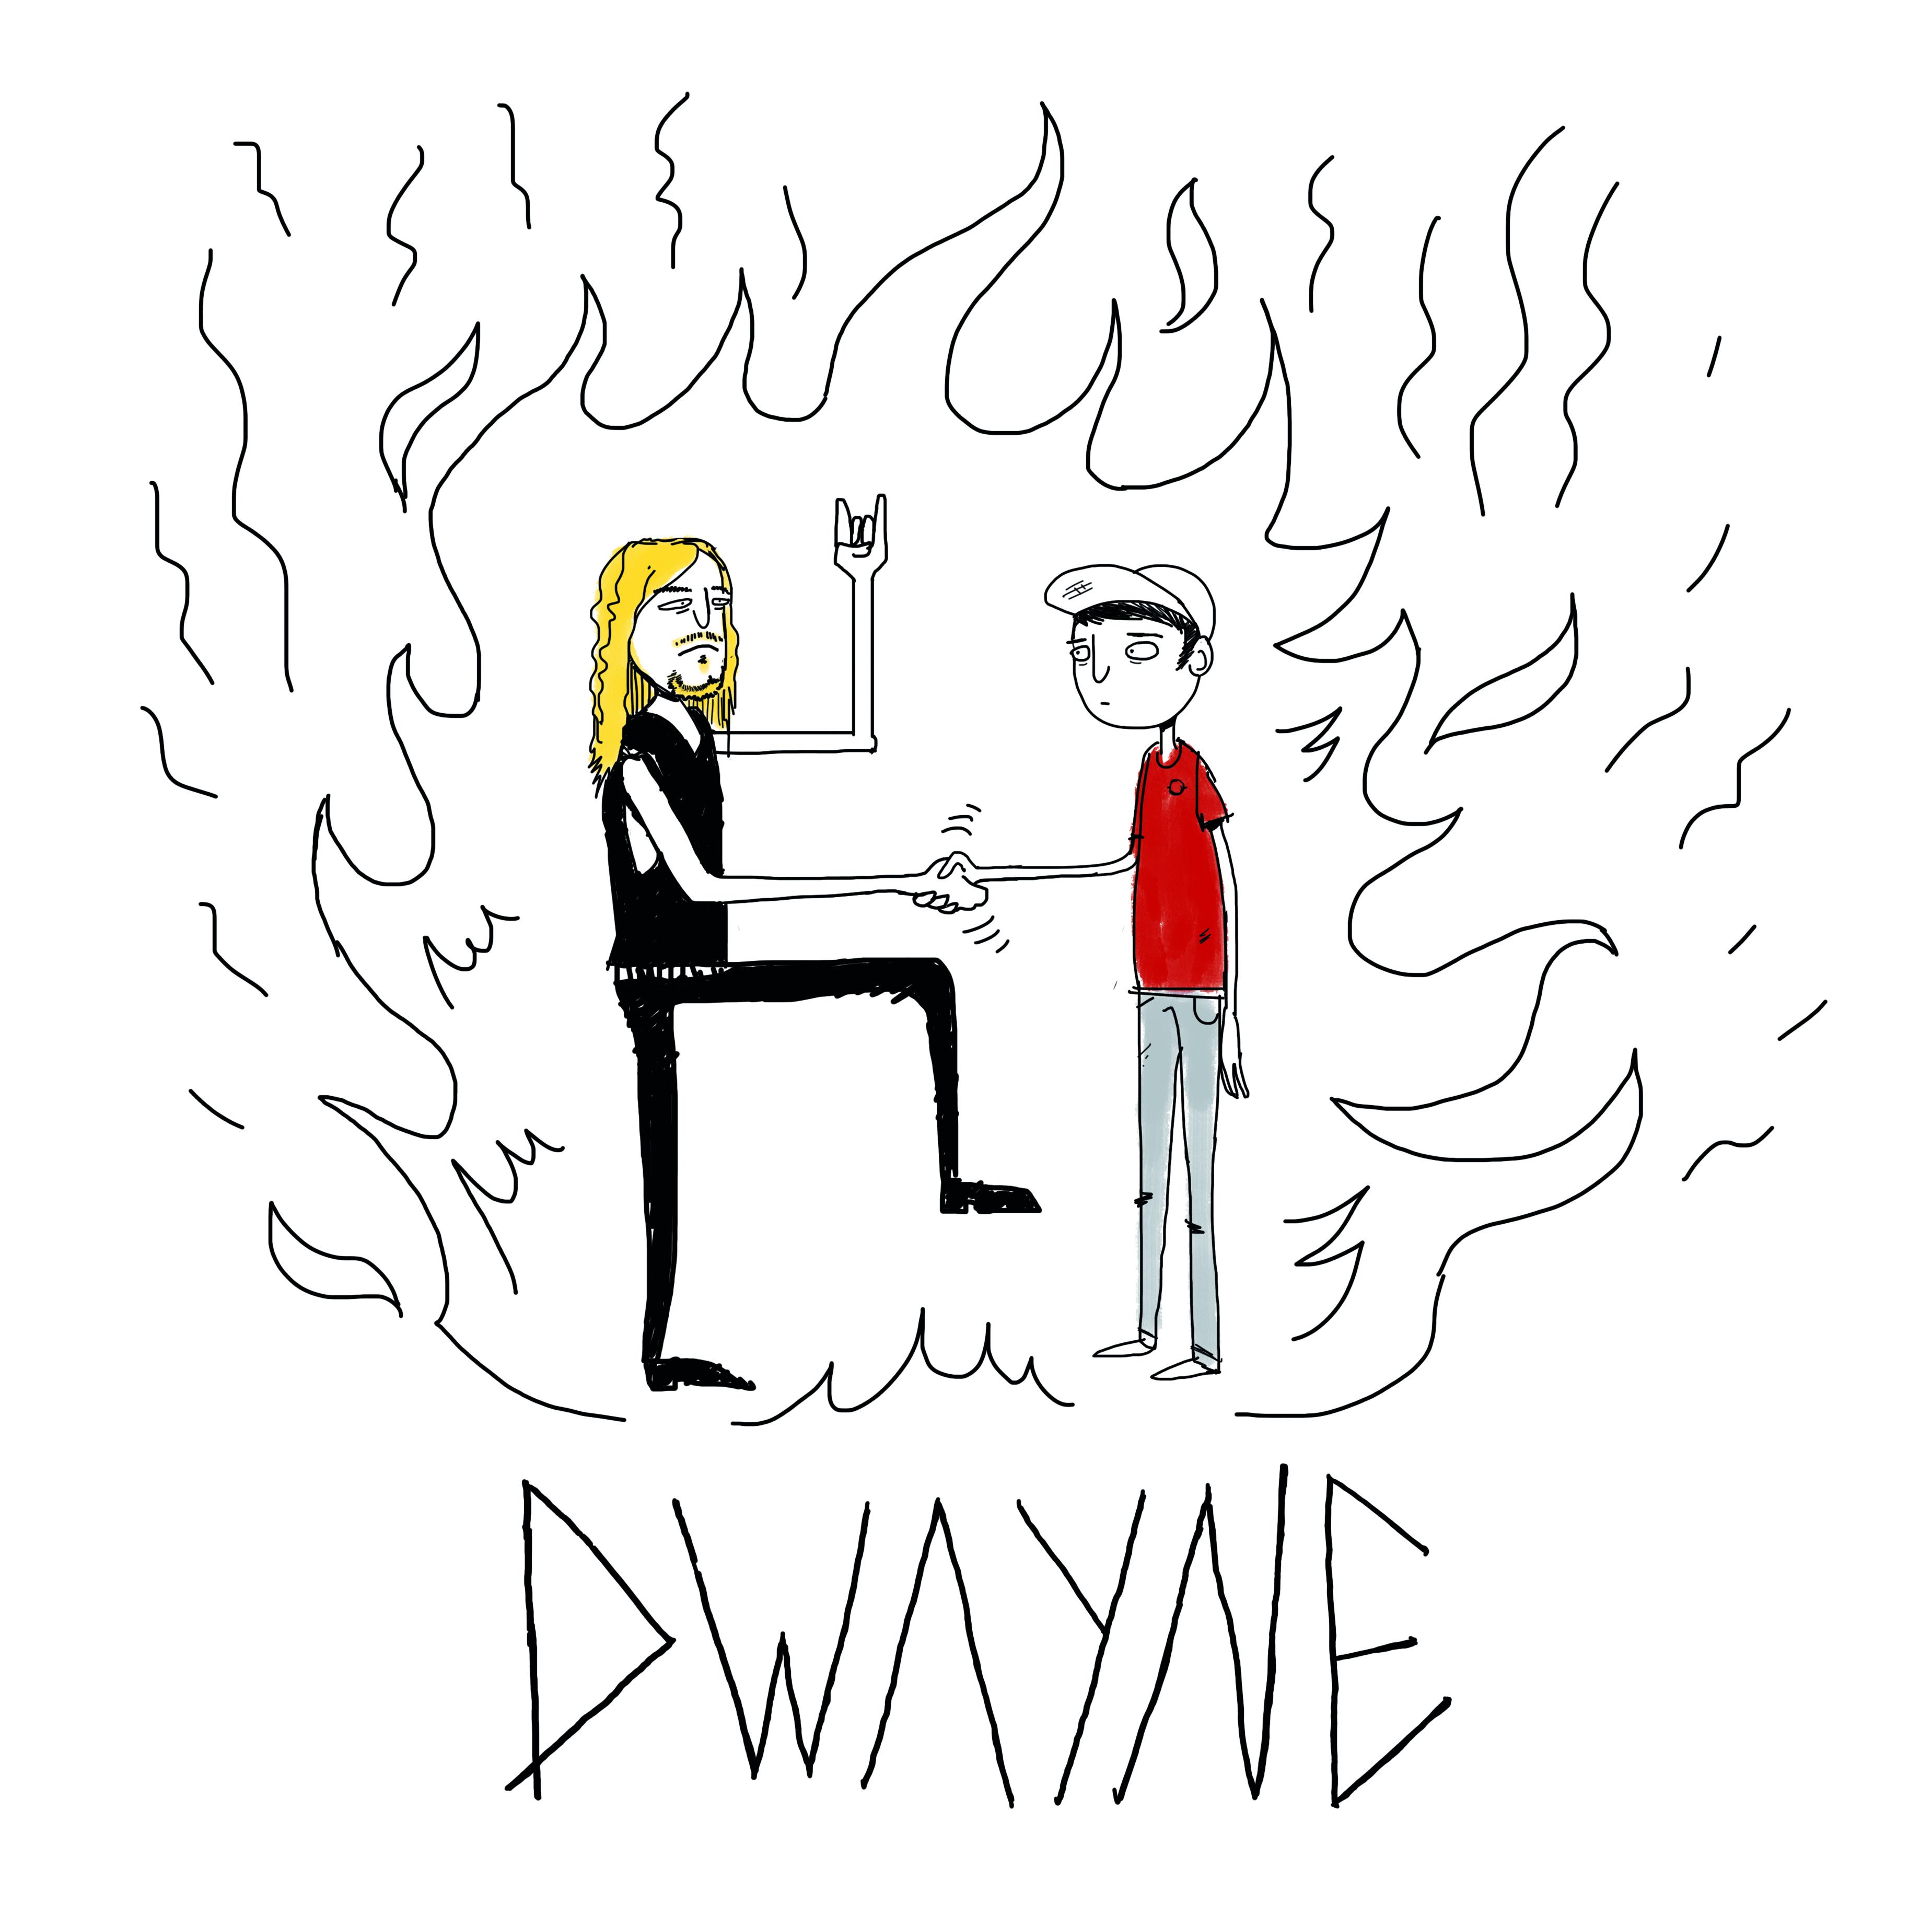 Dwayne